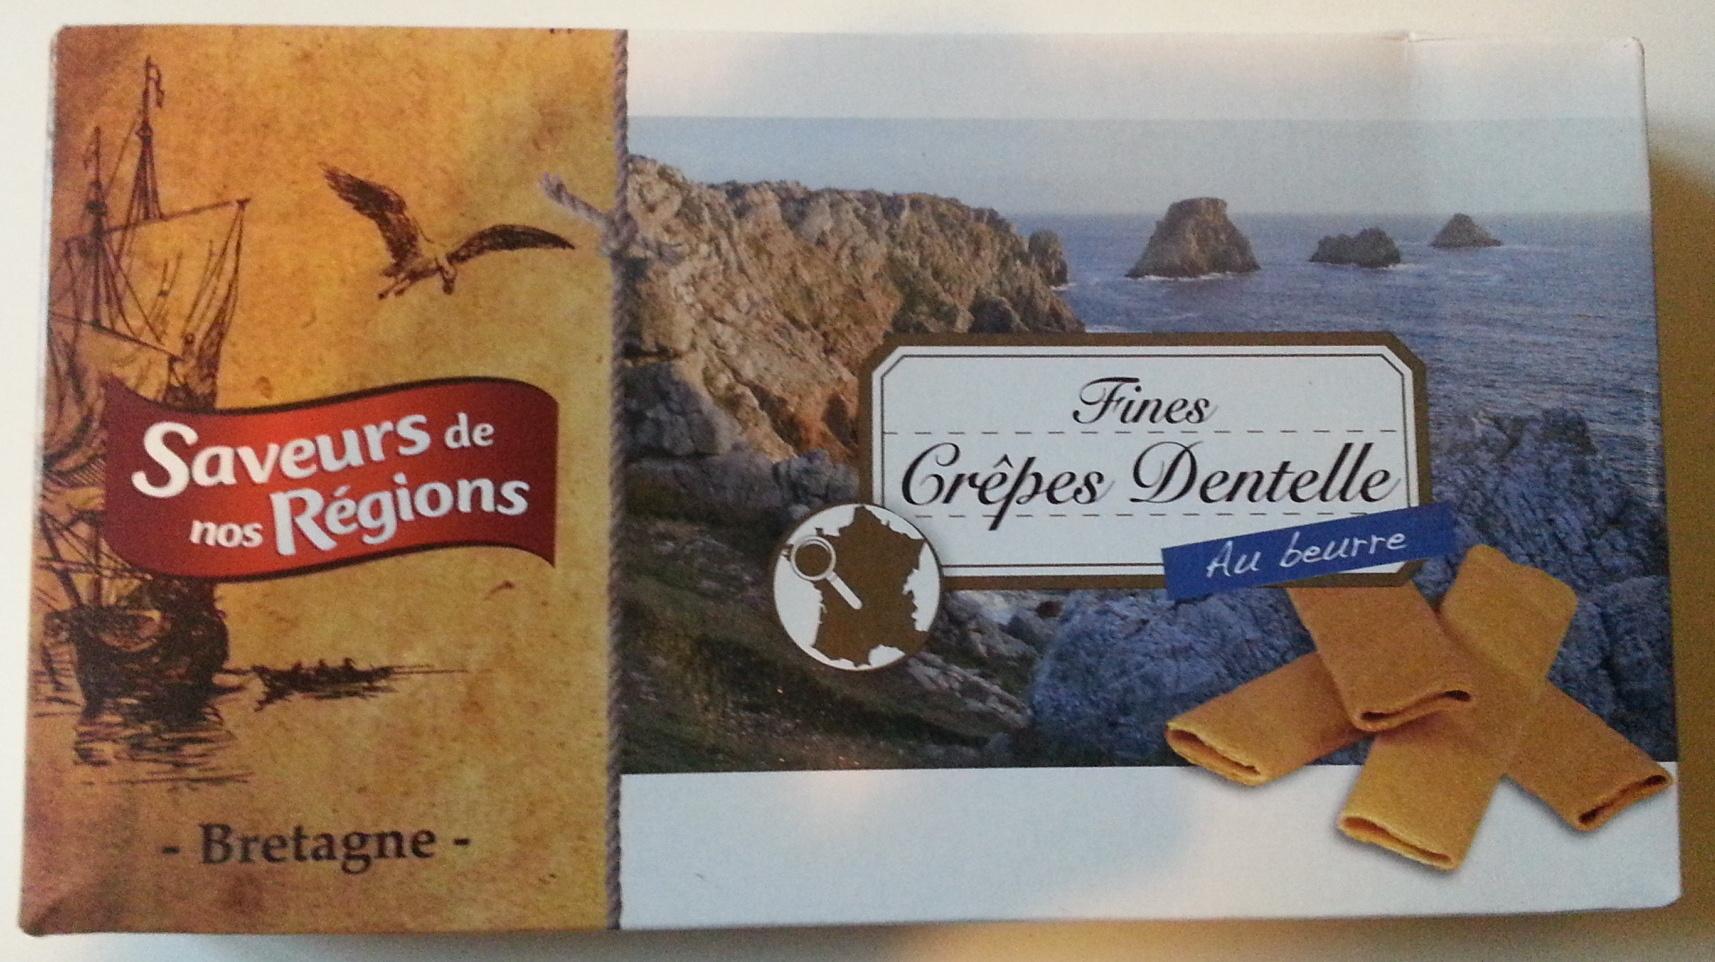 Fines Crêpes dentelle de Bretagne - Produit